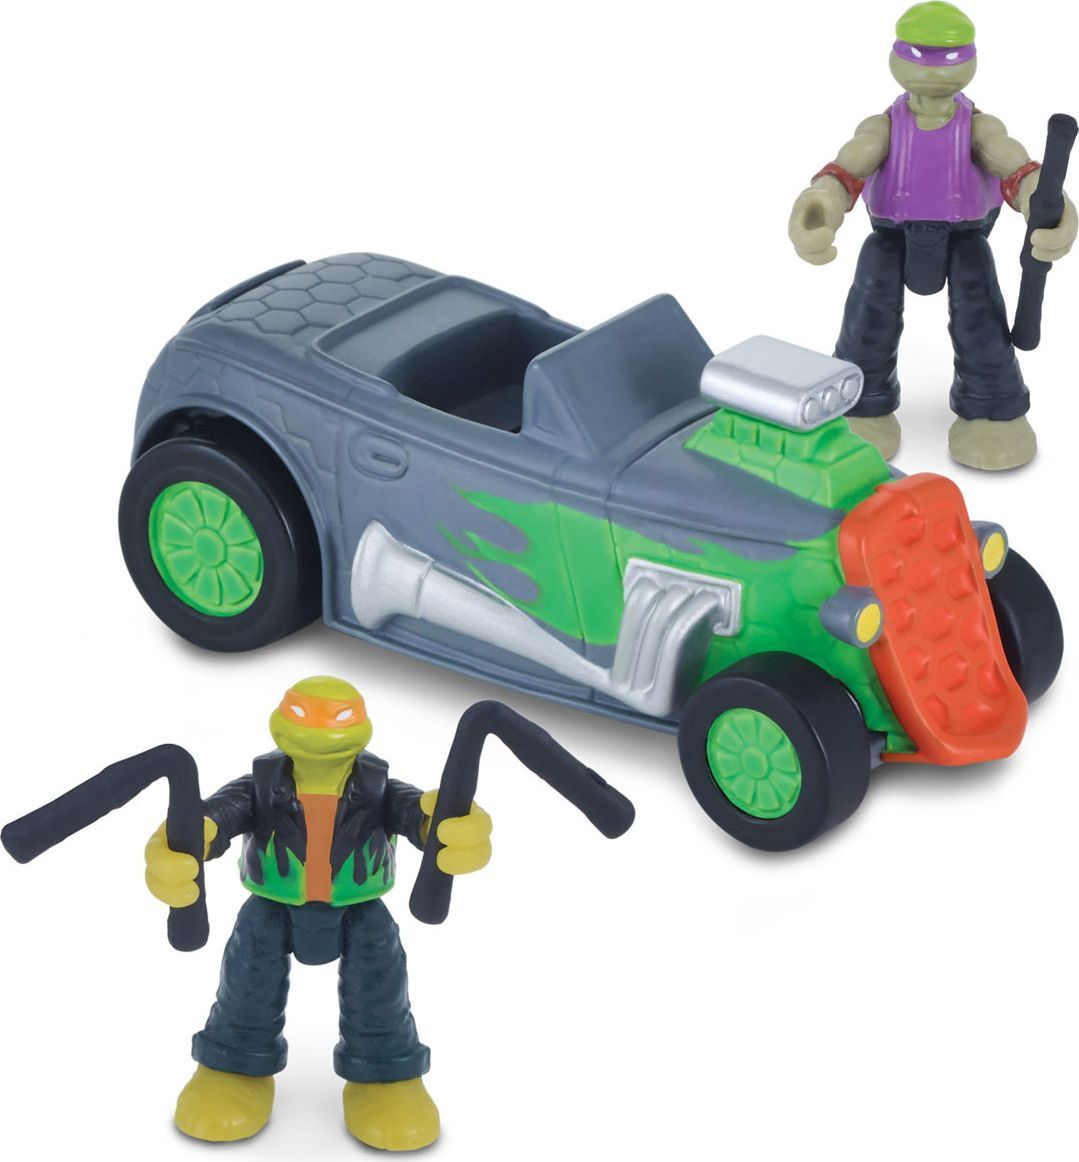 Черепашки Ниндзя Игровой набор Скоростной кабриолет playmates toys гидроцикл черепашки ниндзя